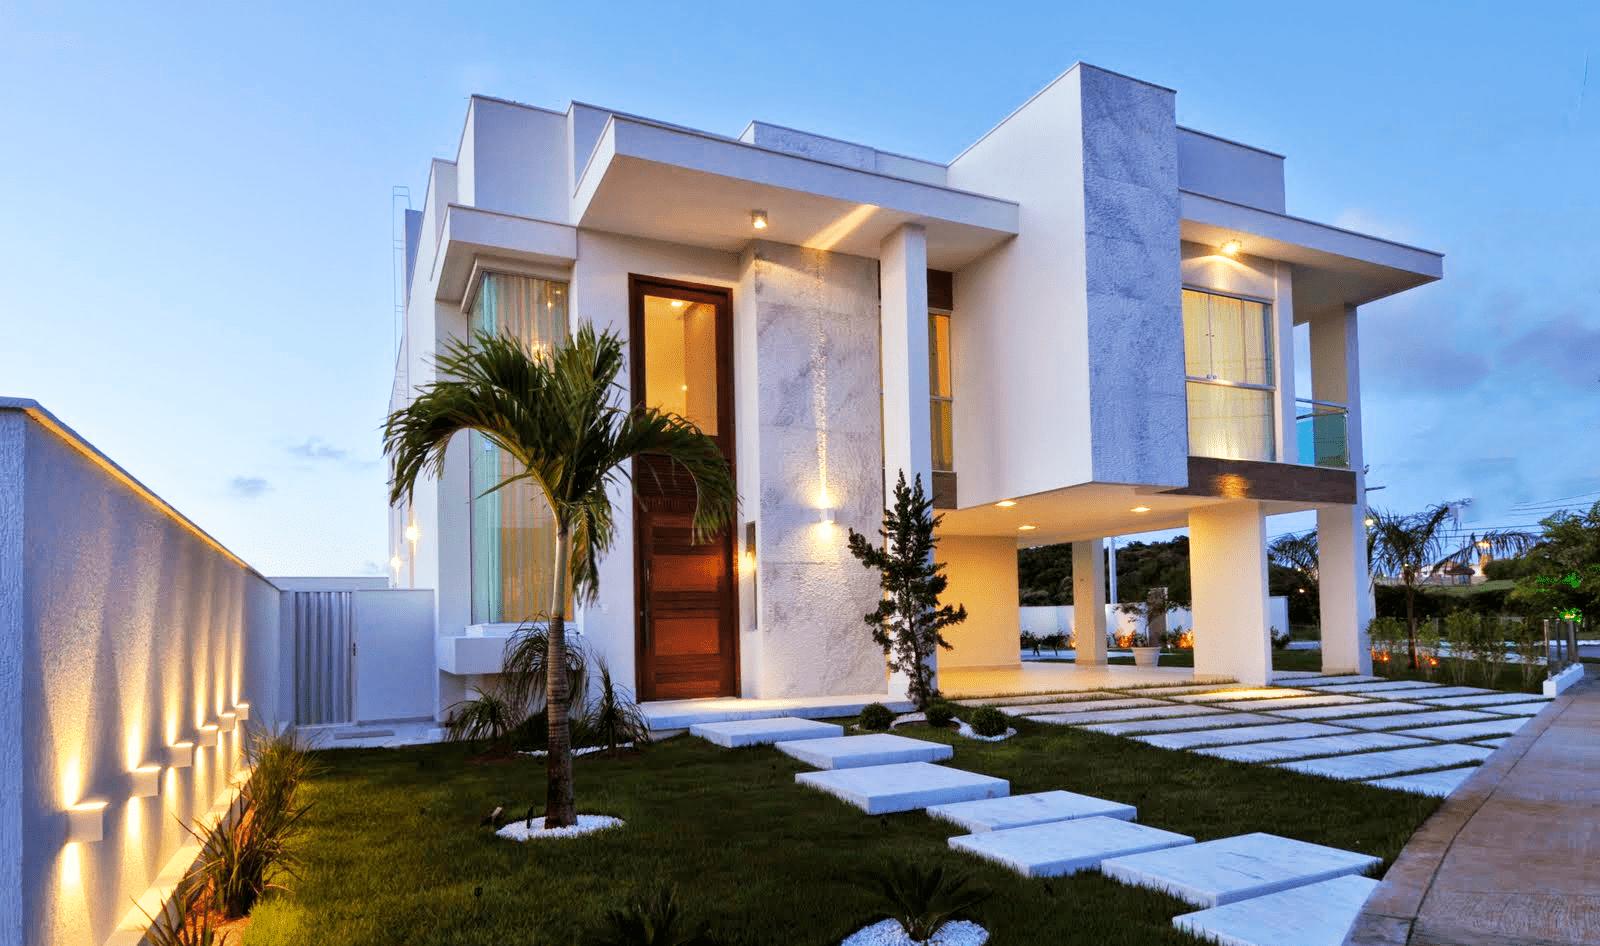 fachadas-casa-moderna-sobrado-modelos-linhas-retas-decor-salteado-22